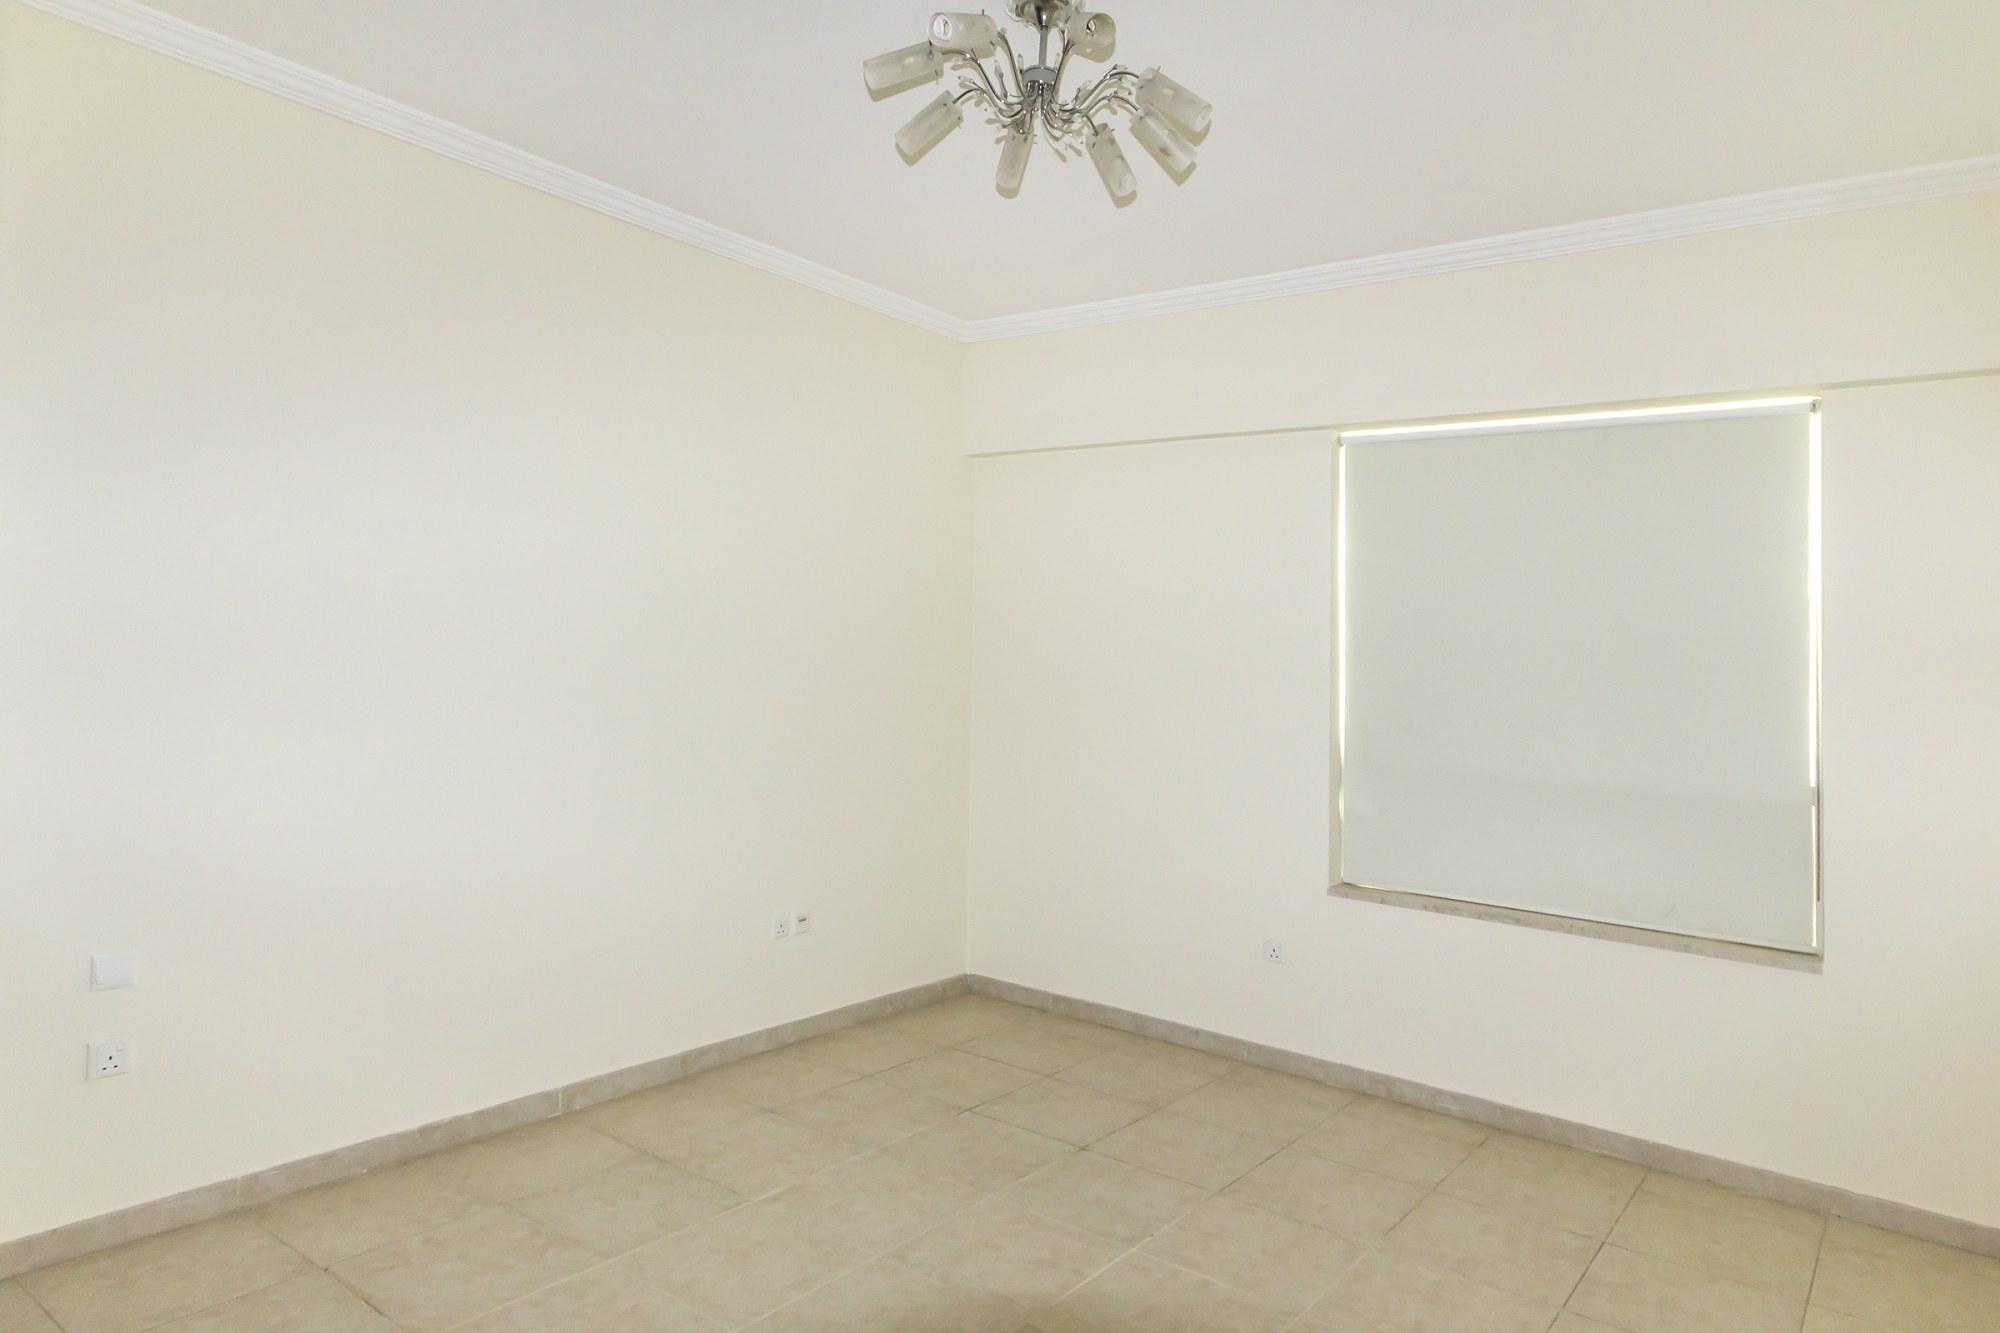 Large 2 Bedroom | Emaar | Parking Spot by Door